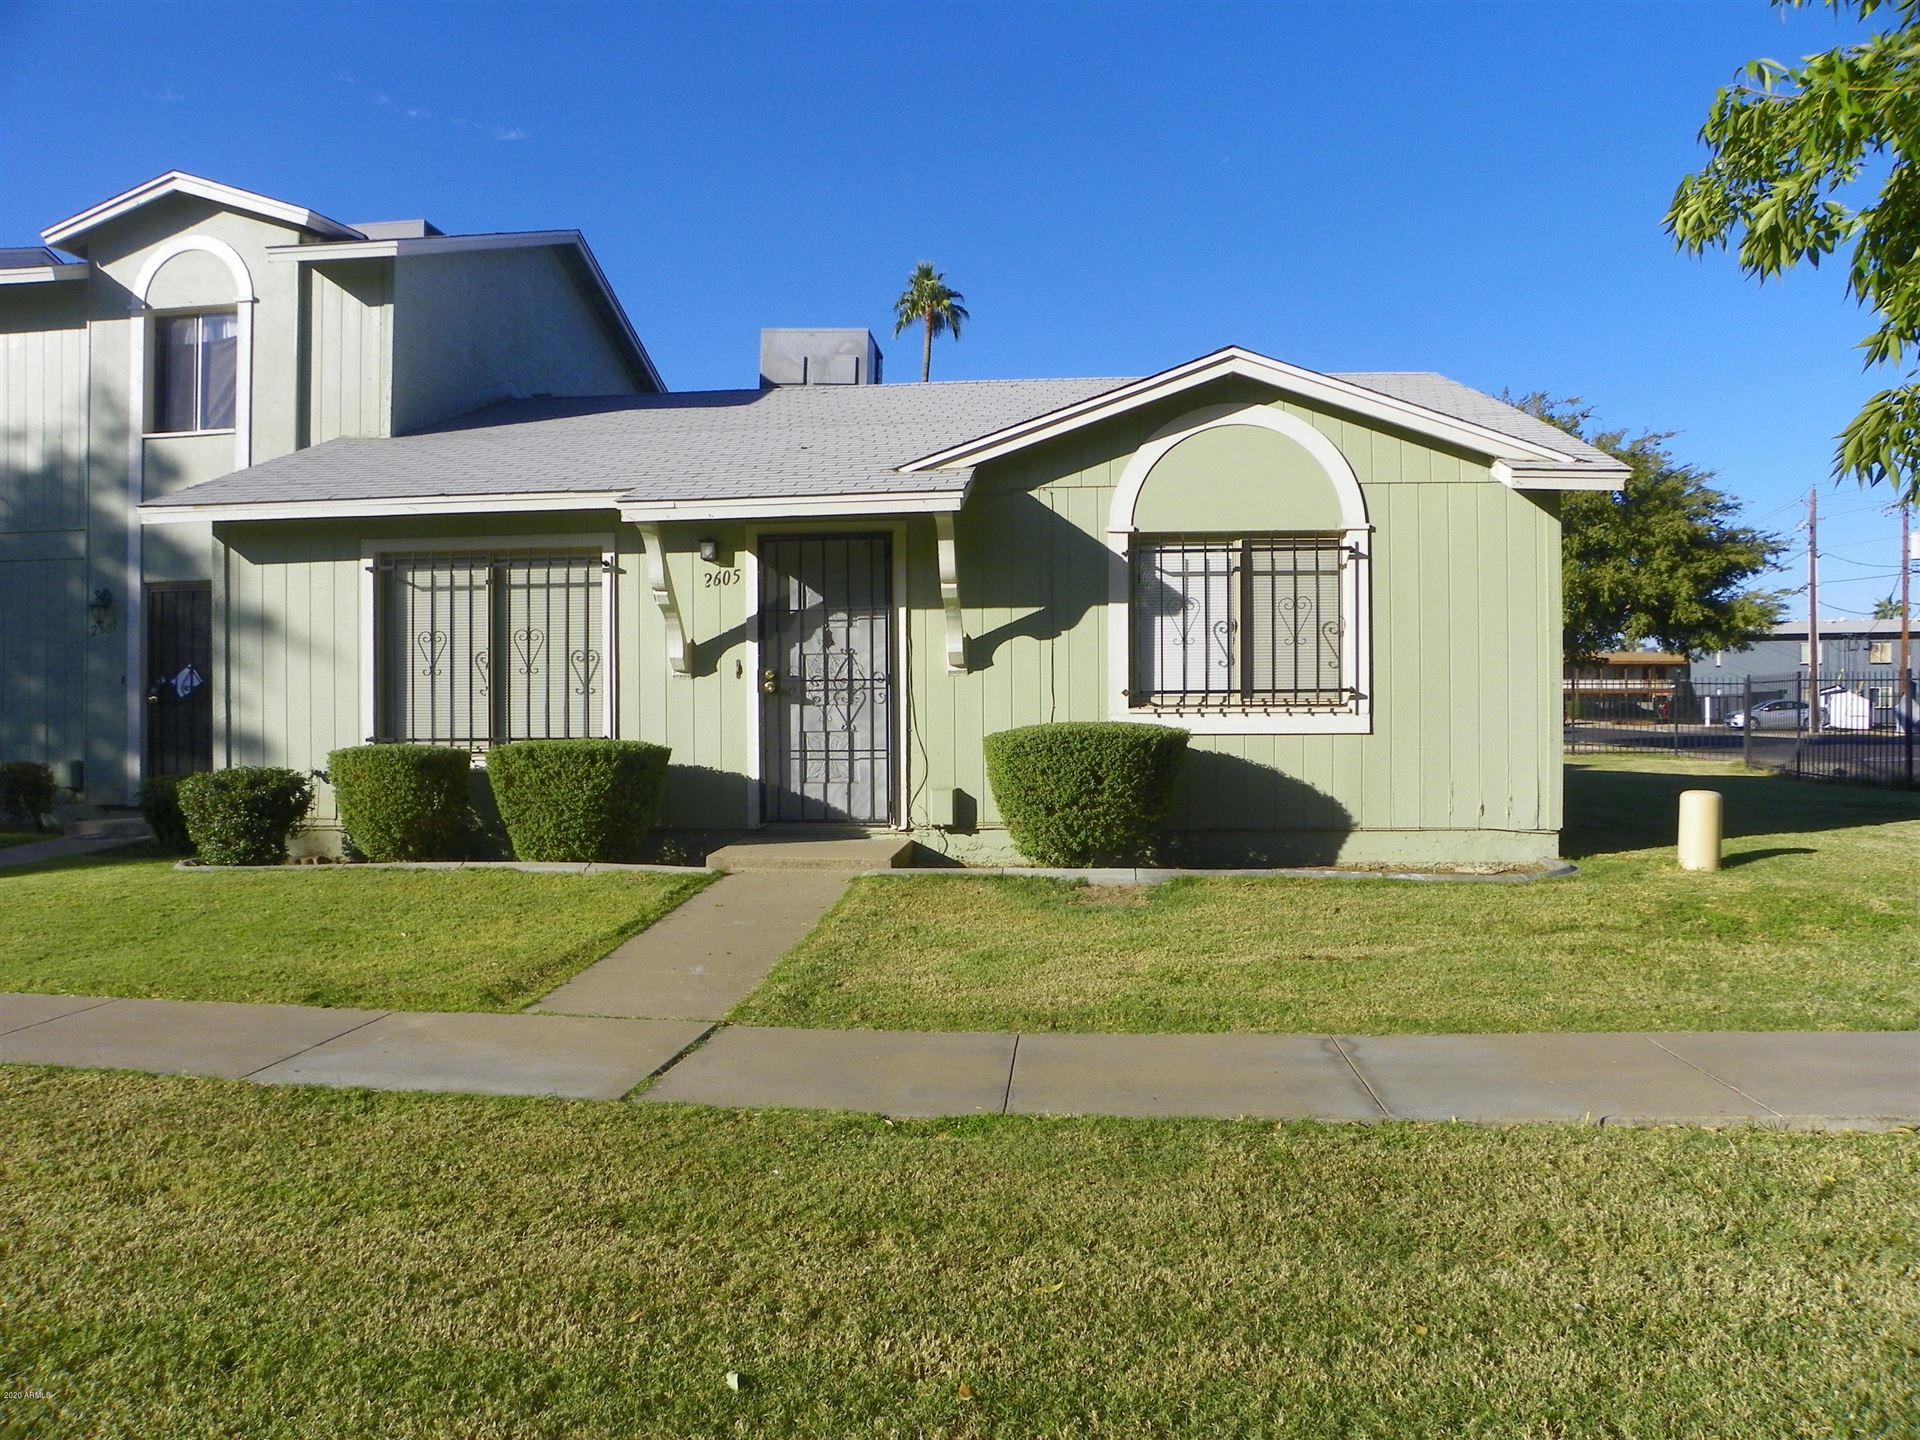 2605 W HIGHLAND Avenue, Phoenix, AZ 85017 - MLS#: 6158841